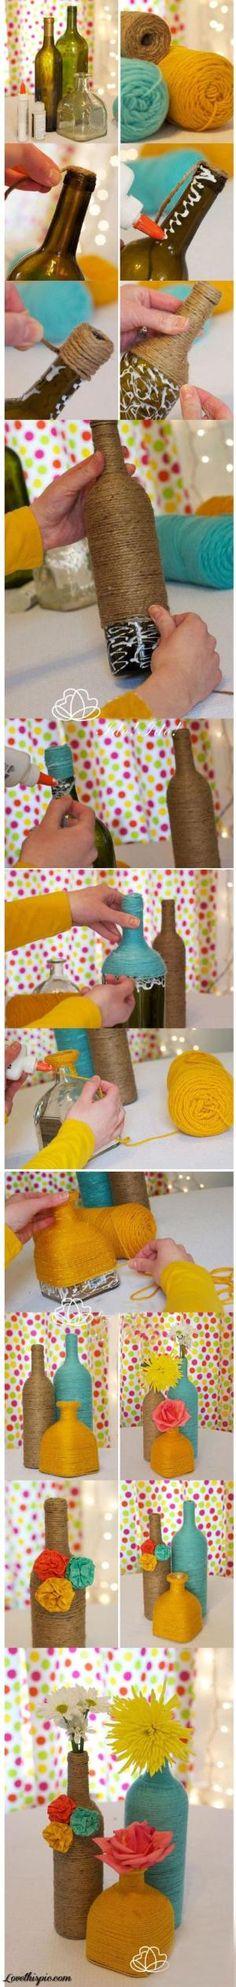 DIY Yarn Bottles diy crafts craft ideas easy crafts diy ideas diy idea diy home diy vase easy diy for the home crafty decor home ideas diy decorations by francisca